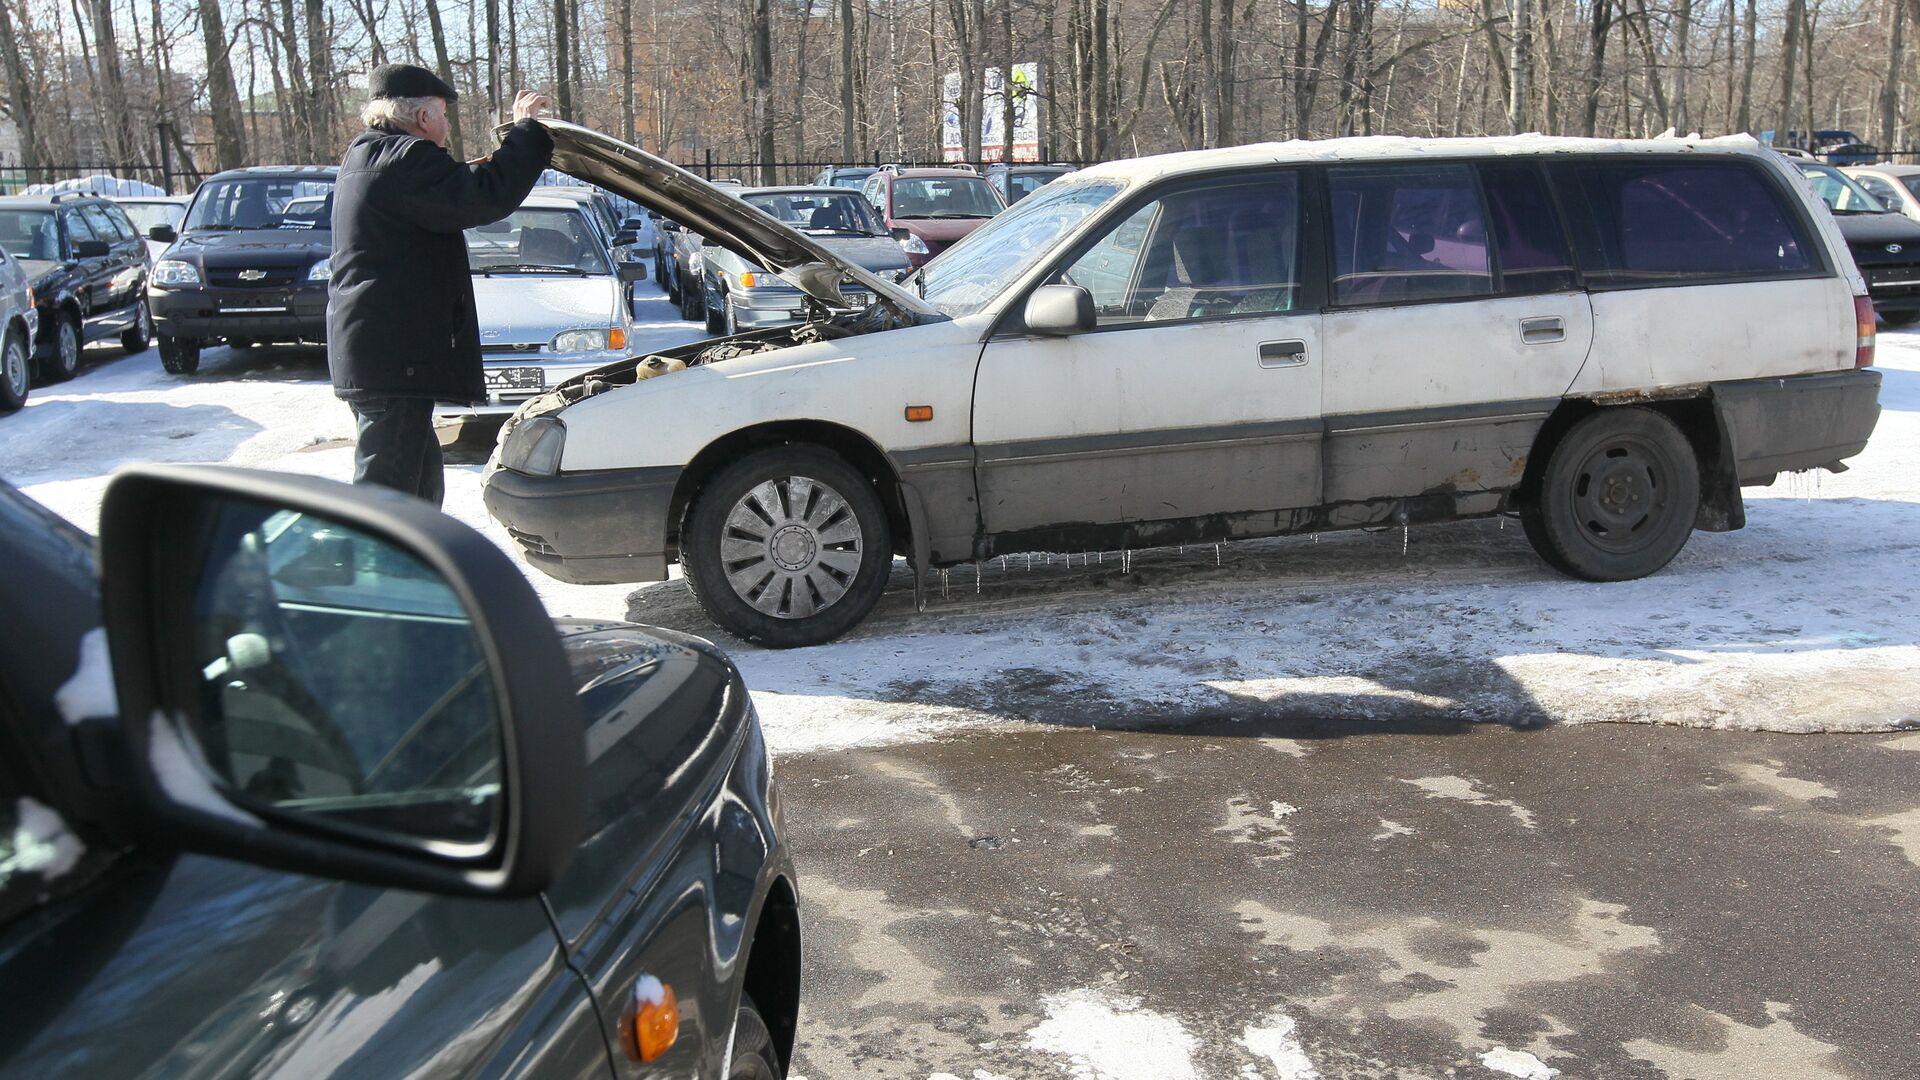 Выдача свидетельства на покупку нового автомобиля в рамках проекта утилизации старых авто - РИА Новости, 1920, 21.02.2020